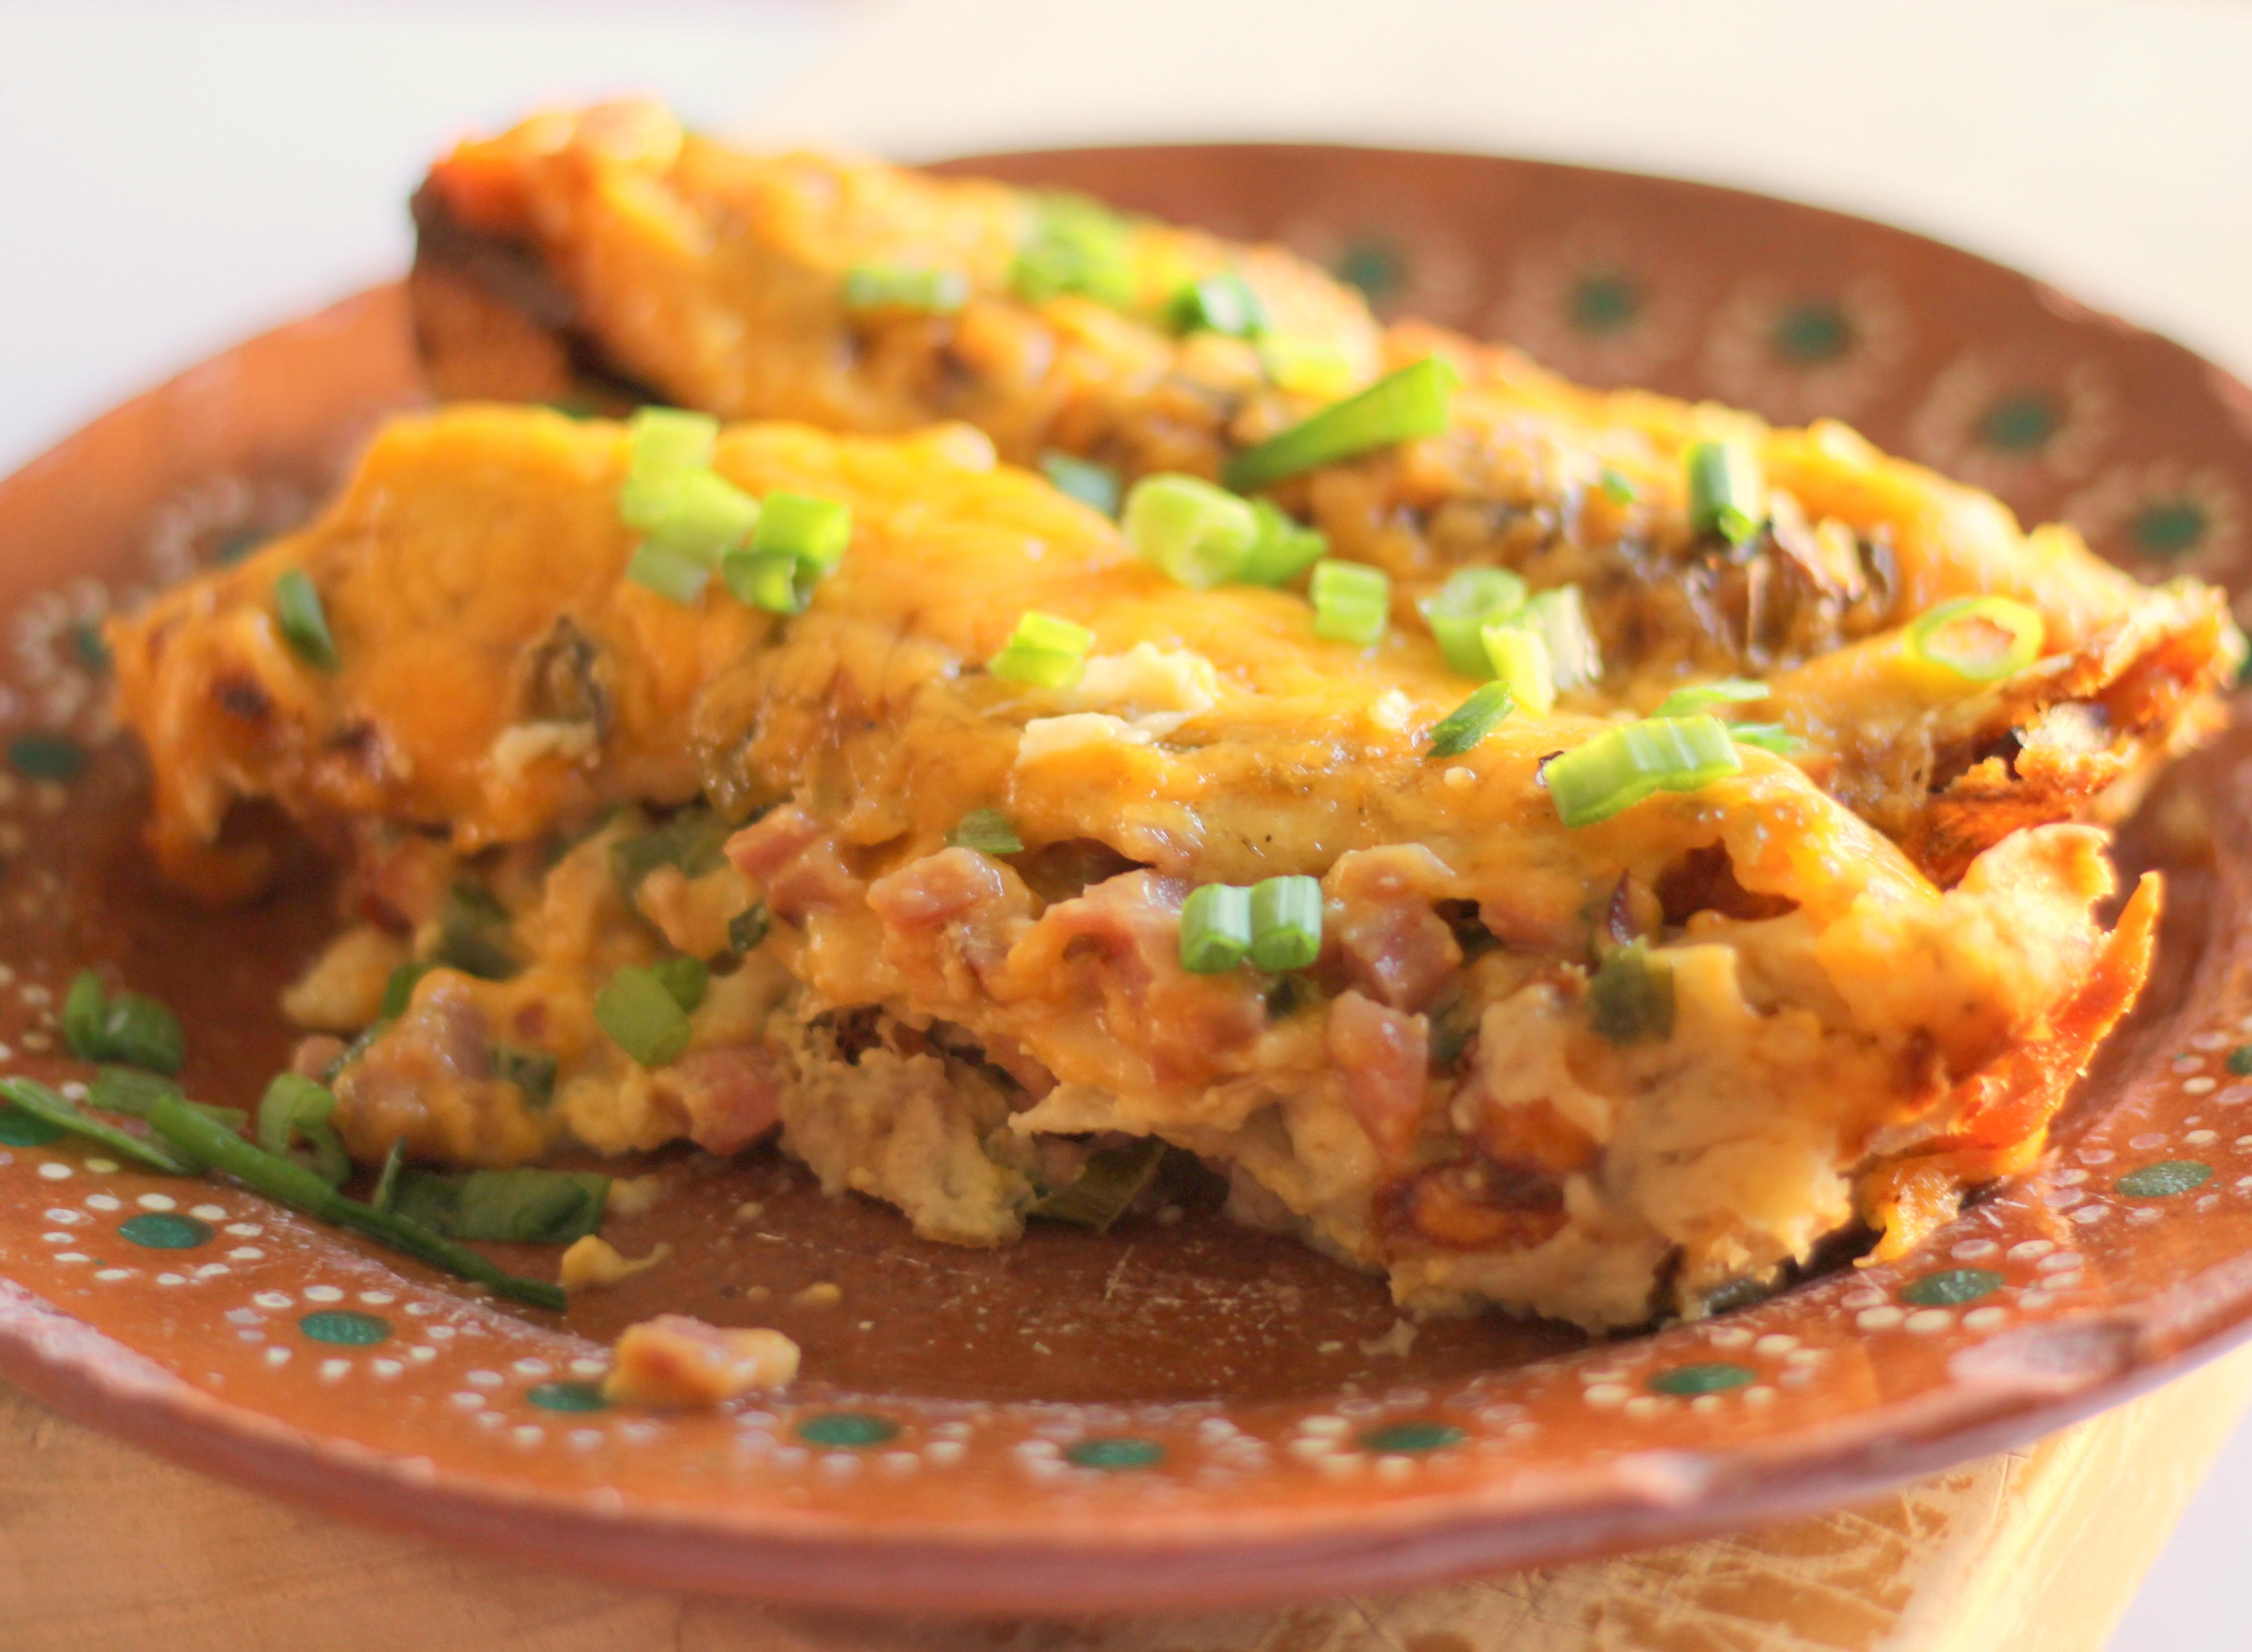 Brunch Enchiladas